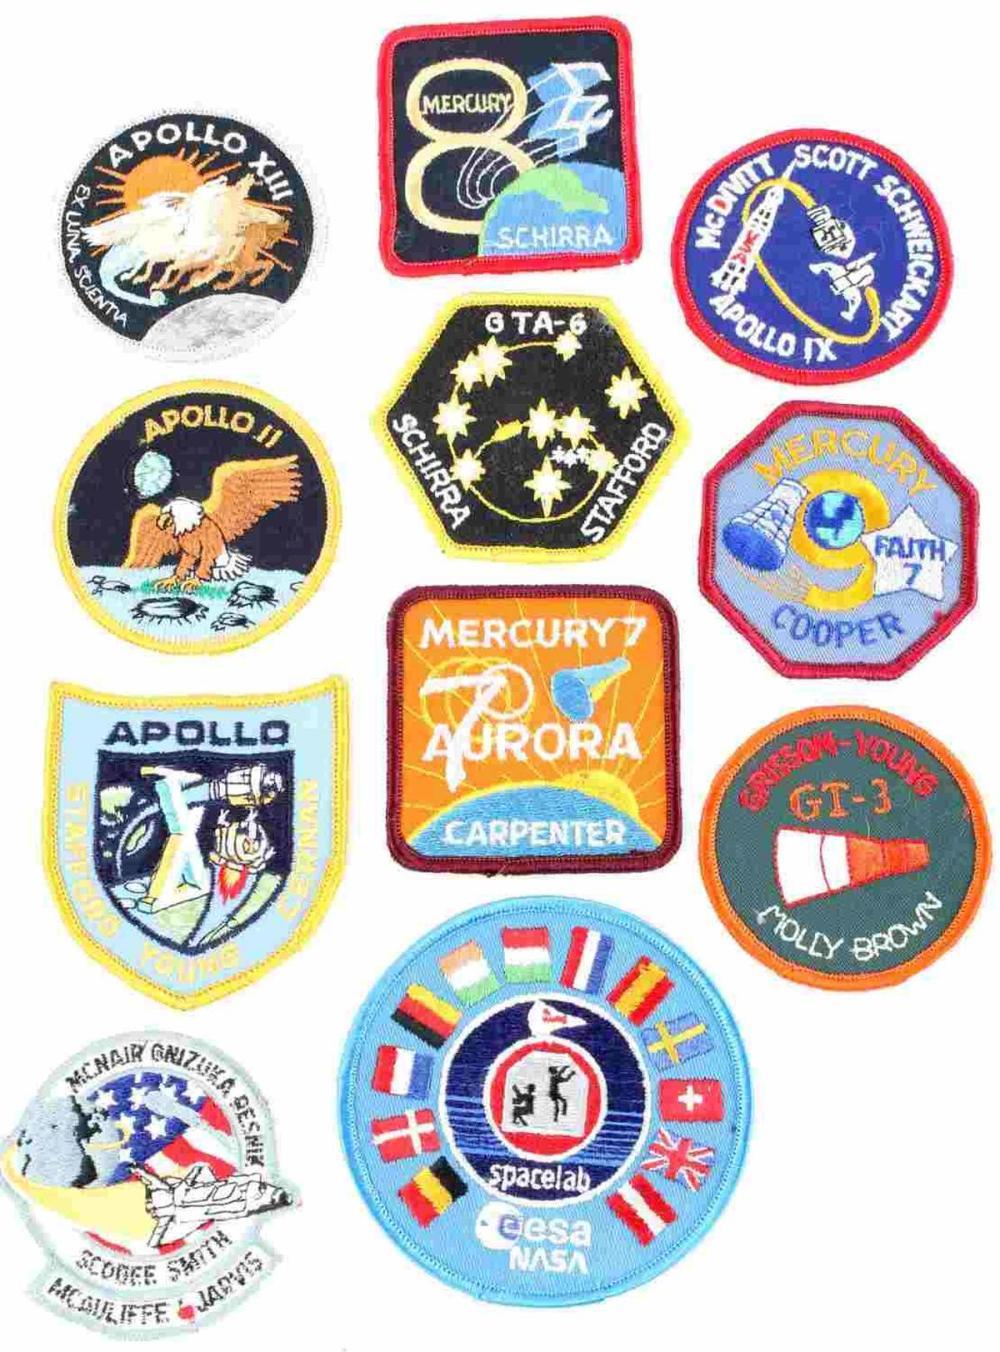 LOT 11 NASA ASTRONAUT SPACE SUIT ROCKET PATCHES